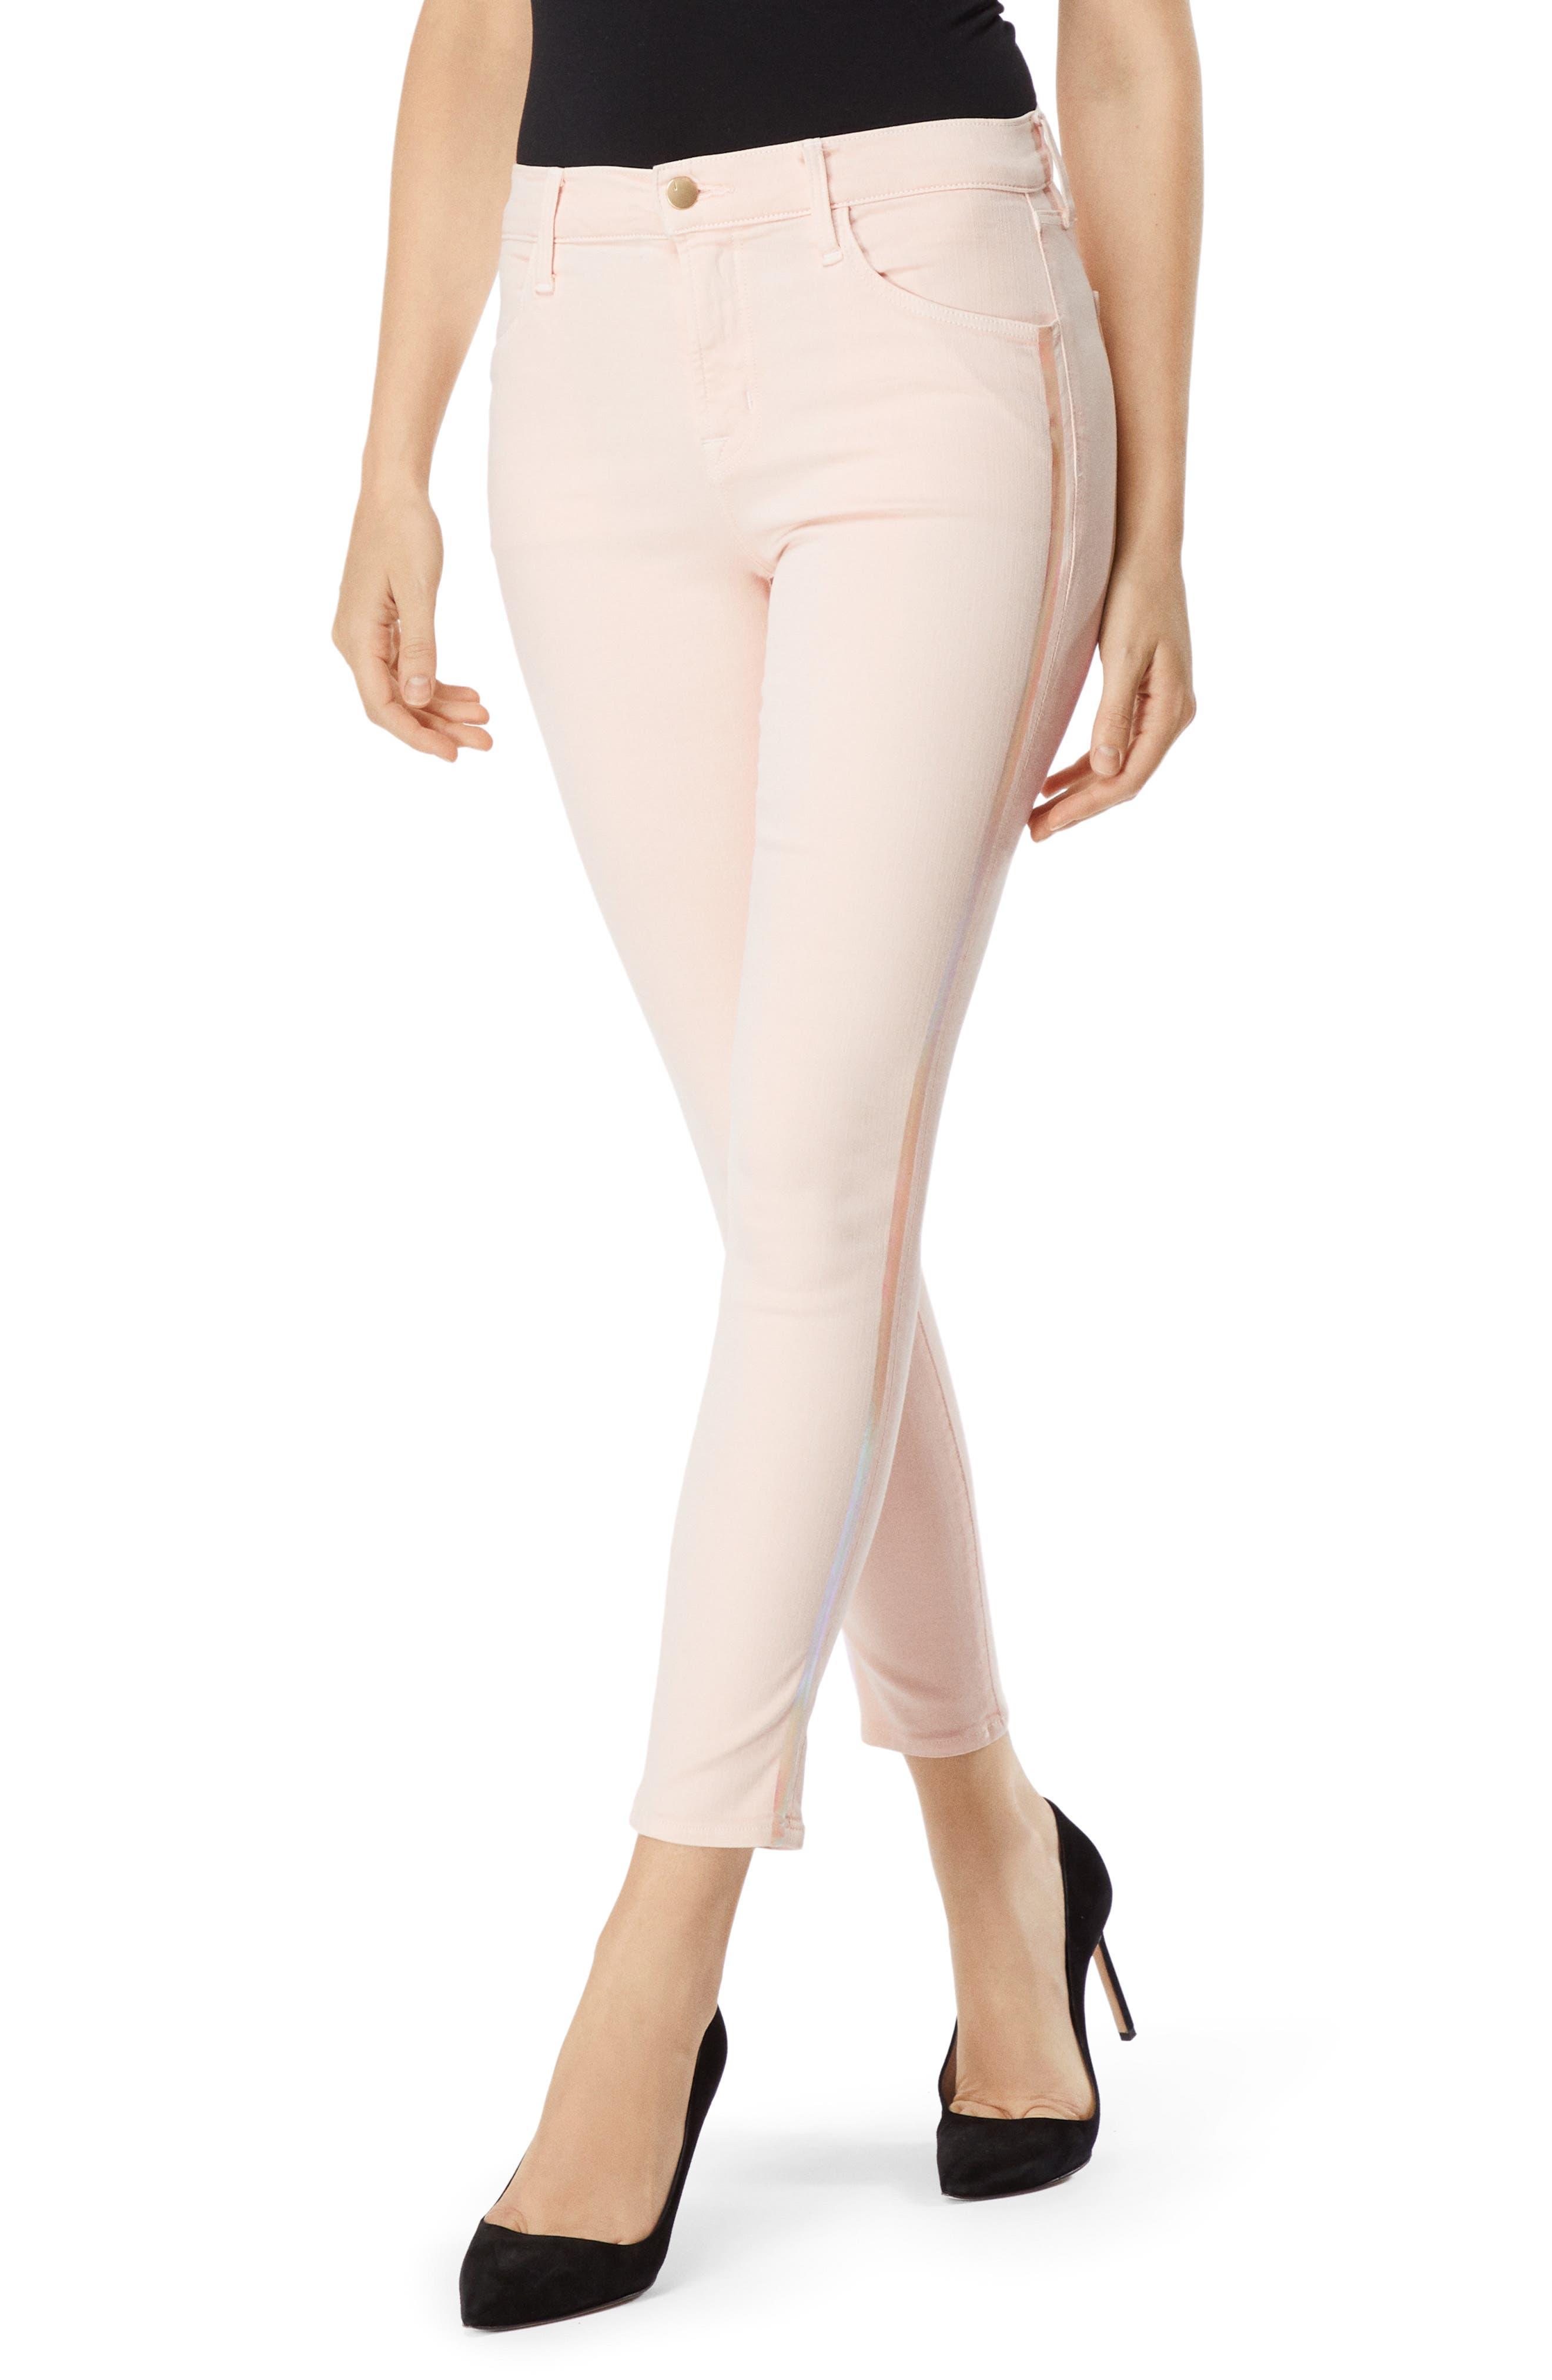 J BRAND Alana High Waist Ankle Skinny Jeans, Main, color, 684